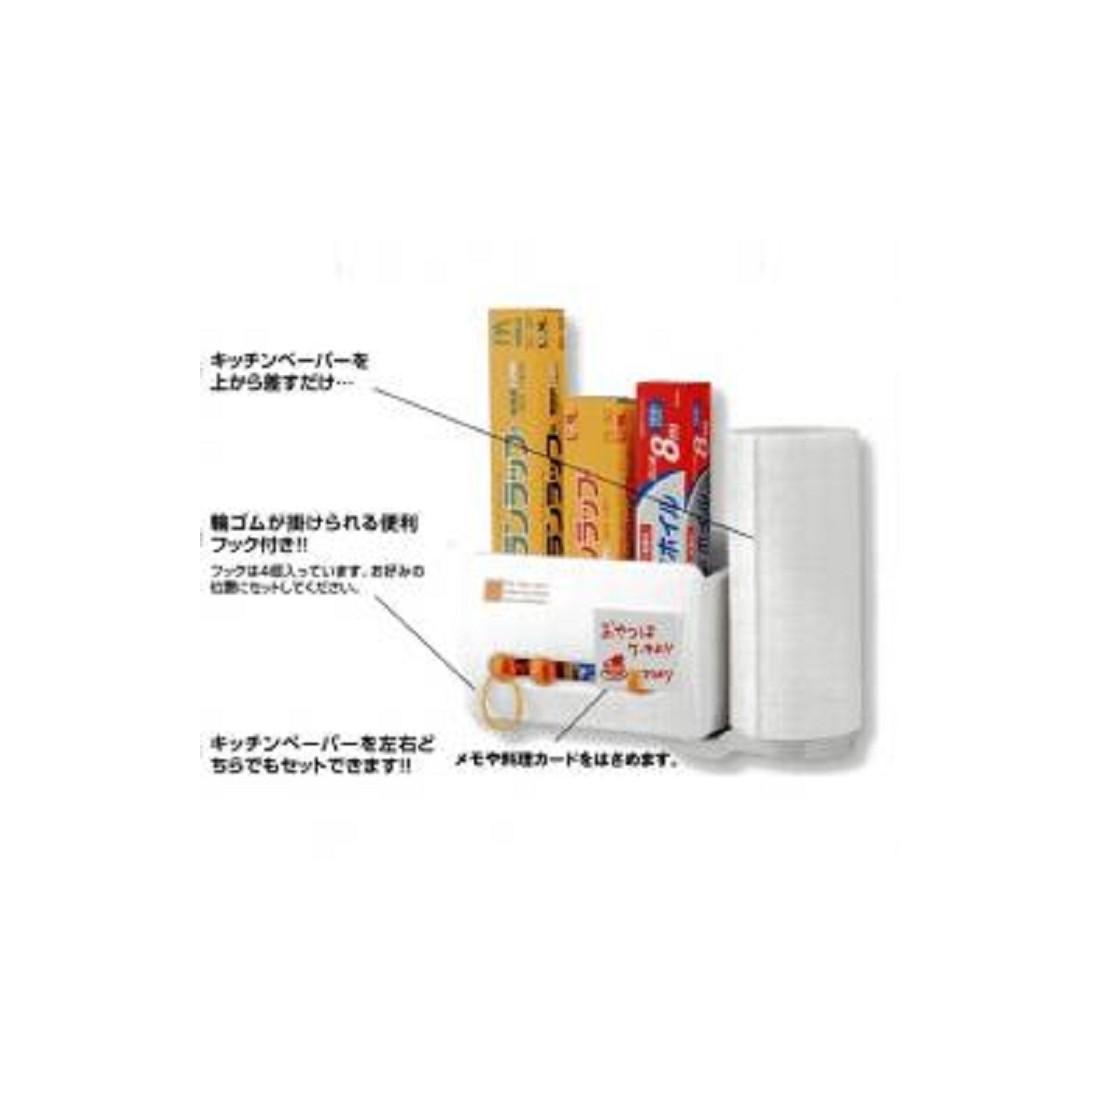 Giá đa năng gắn tường-Thế giới đồ gia dụng HMD